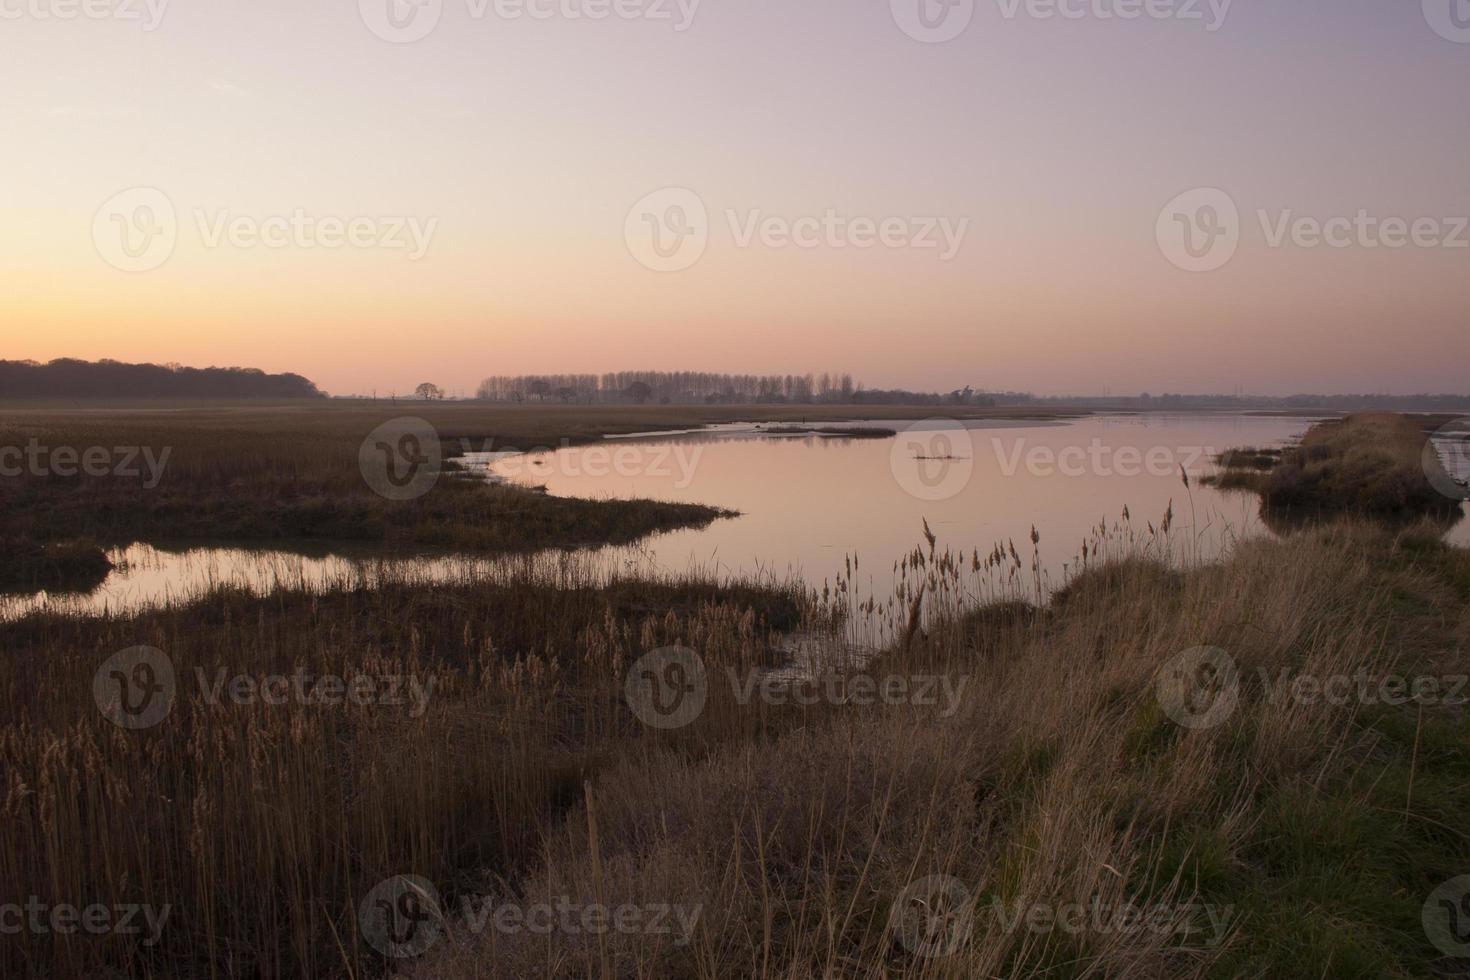 marzo atardecer sobre el río alde en iken, suffolk foto